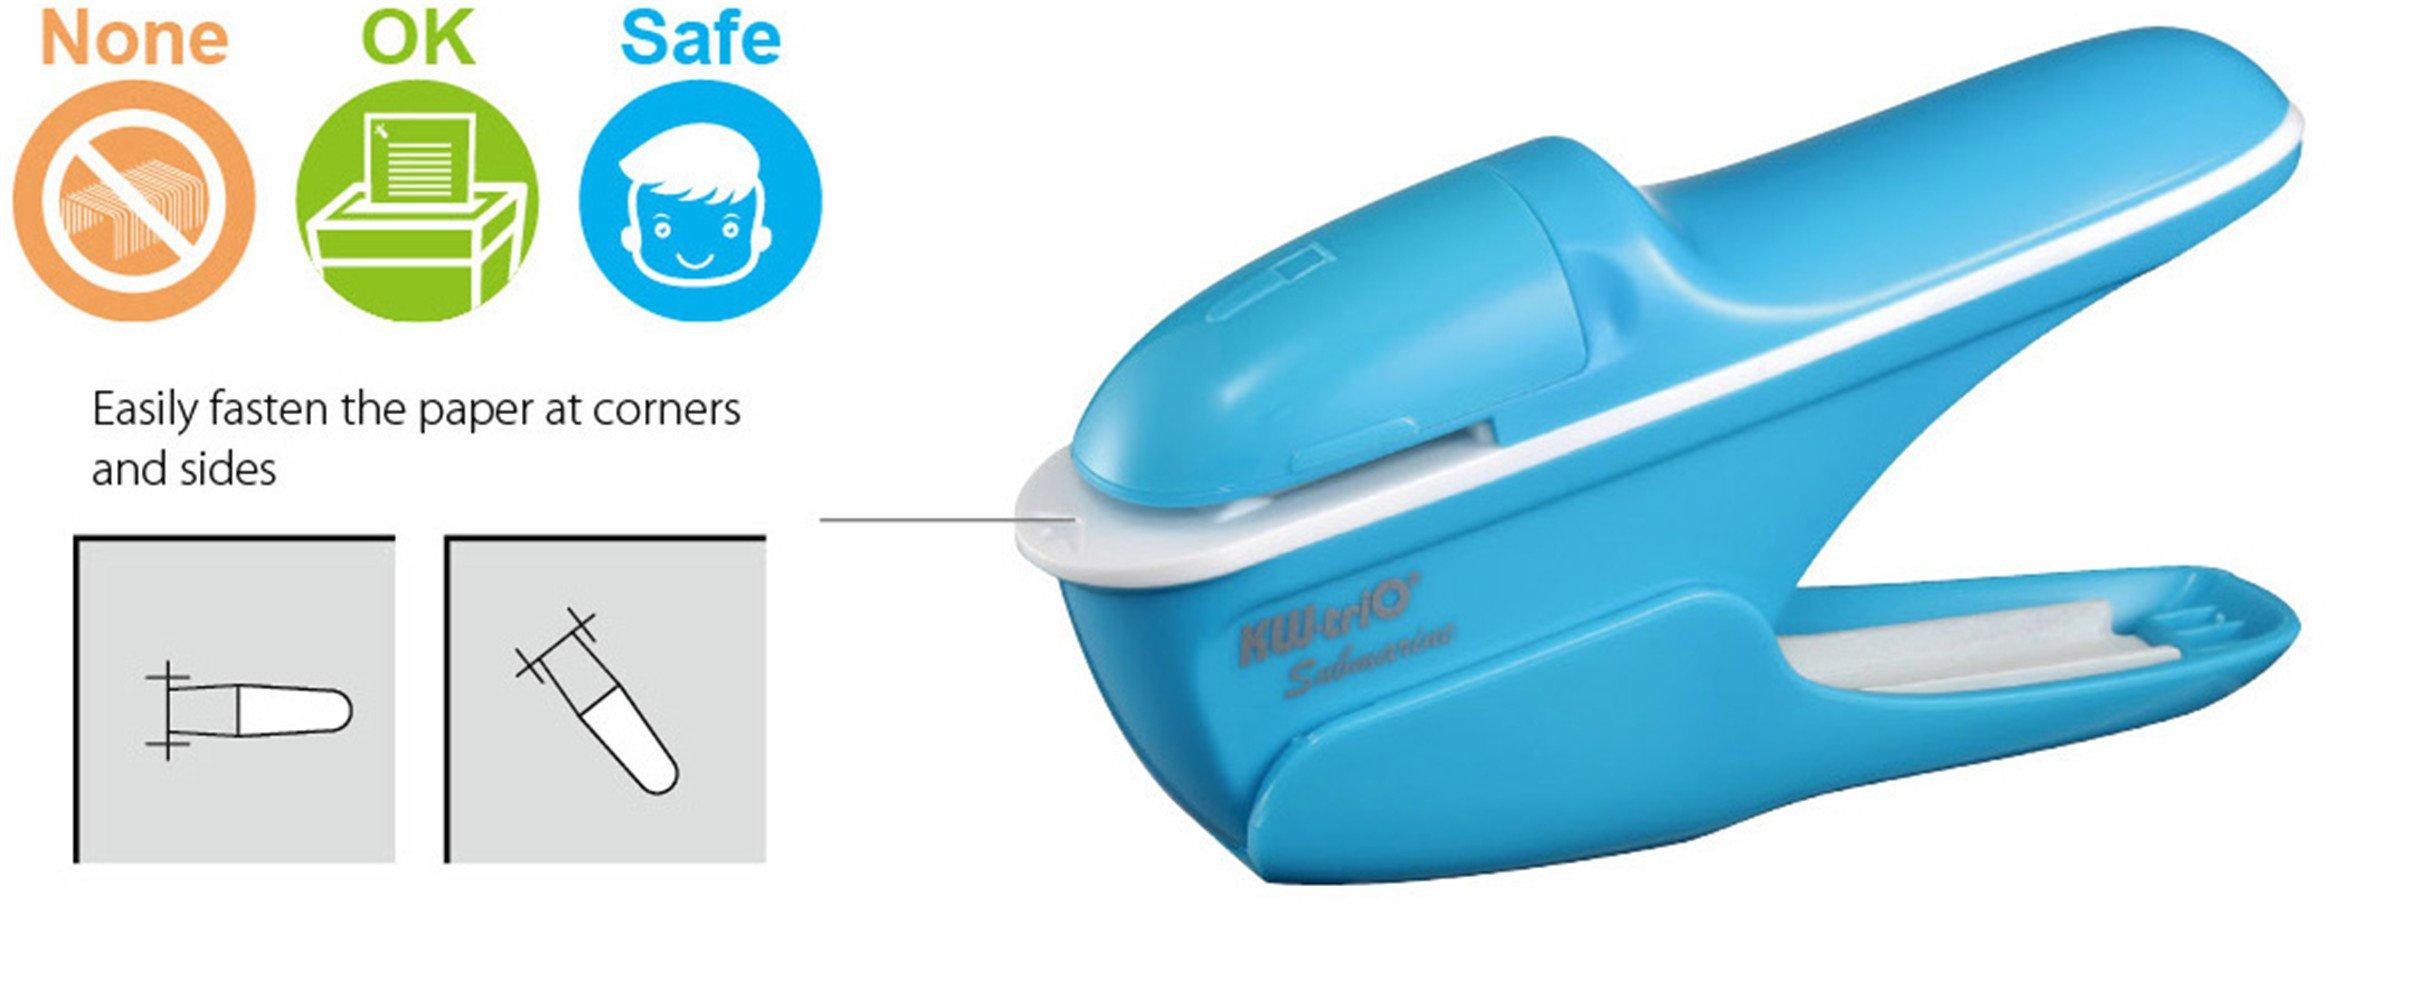 Submarine Staple Free Stapler - Environmental Protection Stapleless Stapler 8 Sheet Capacity for Kindergarten, Hospital, Office, Home